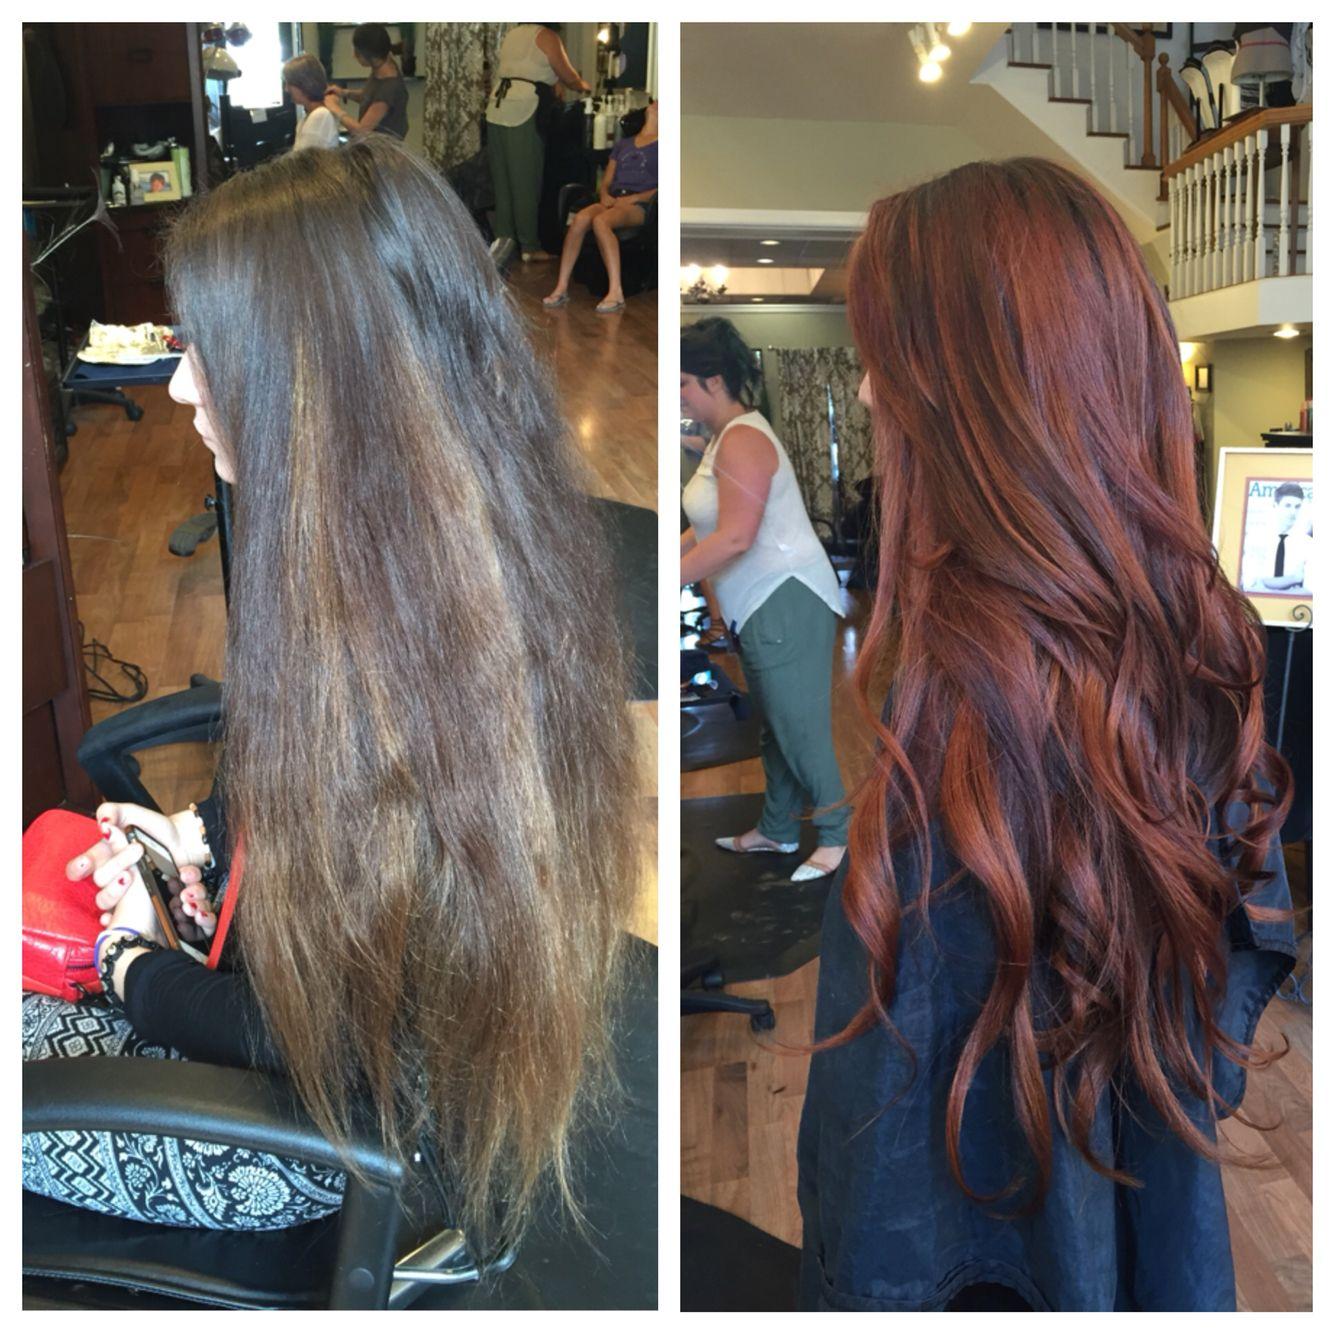 Copper hair!